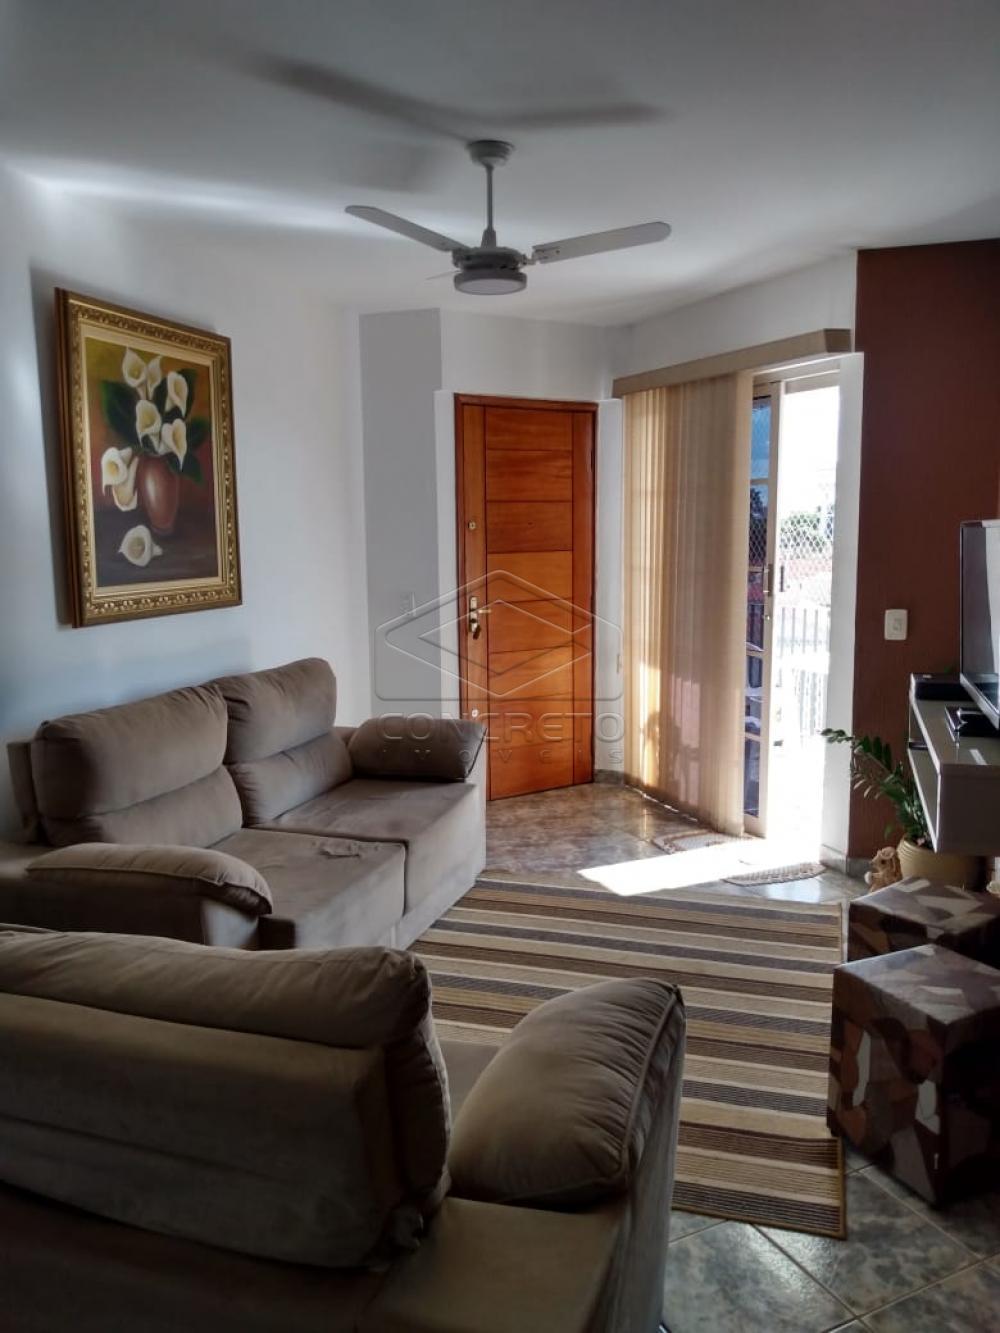 Comprar Apartamento / Padrão em Bauru R$ 220.000,00 - Foto 7